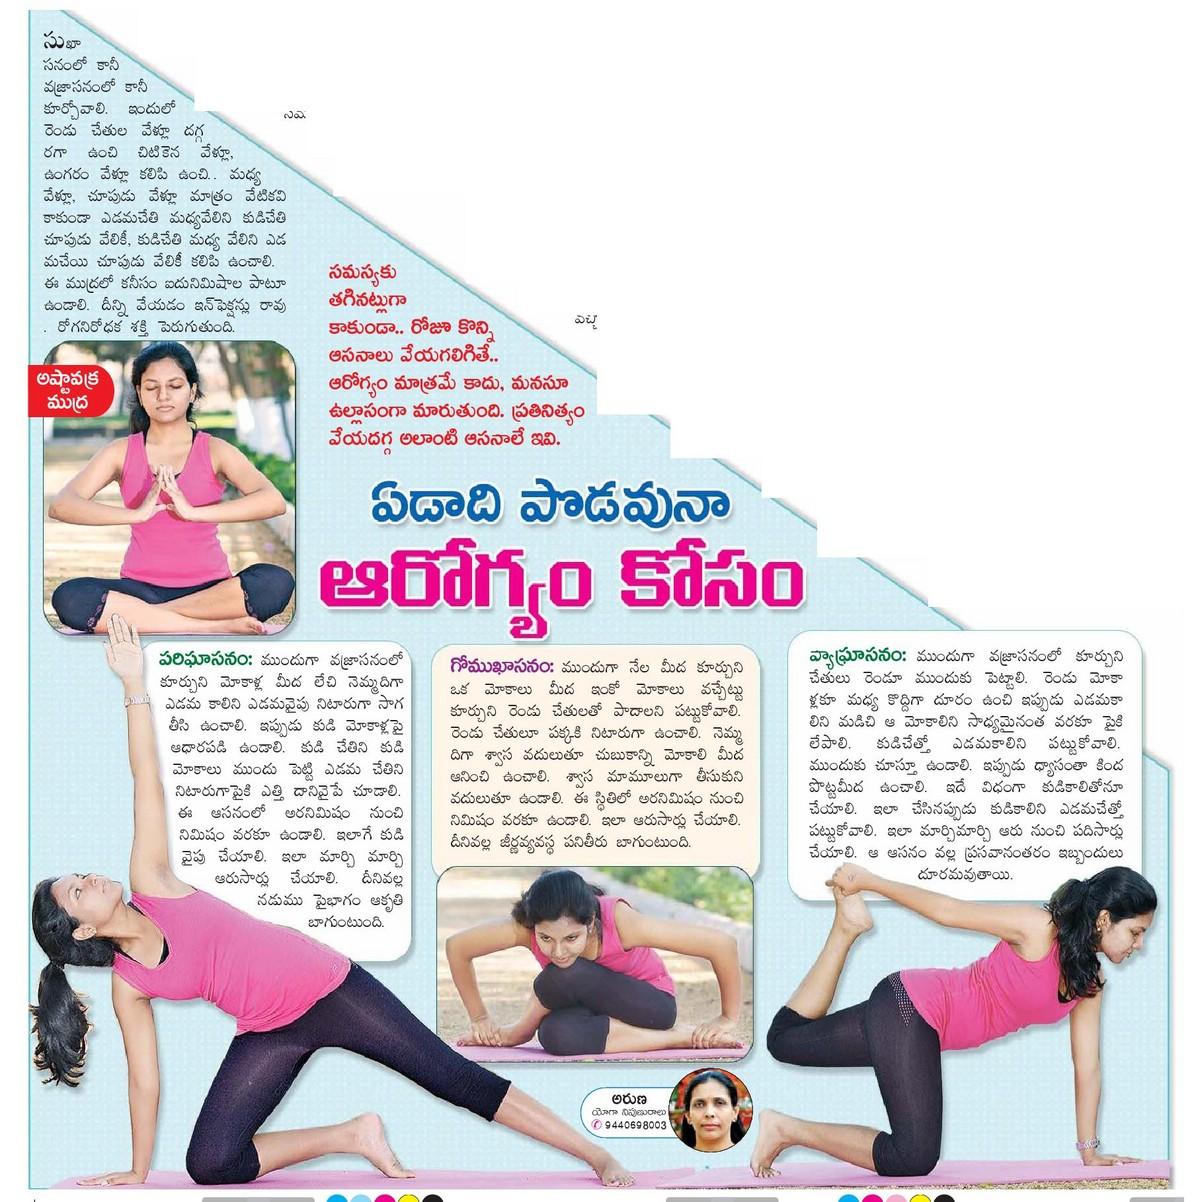 Yoga Asanas Names And Benefits In Telugu – Blog Dandk